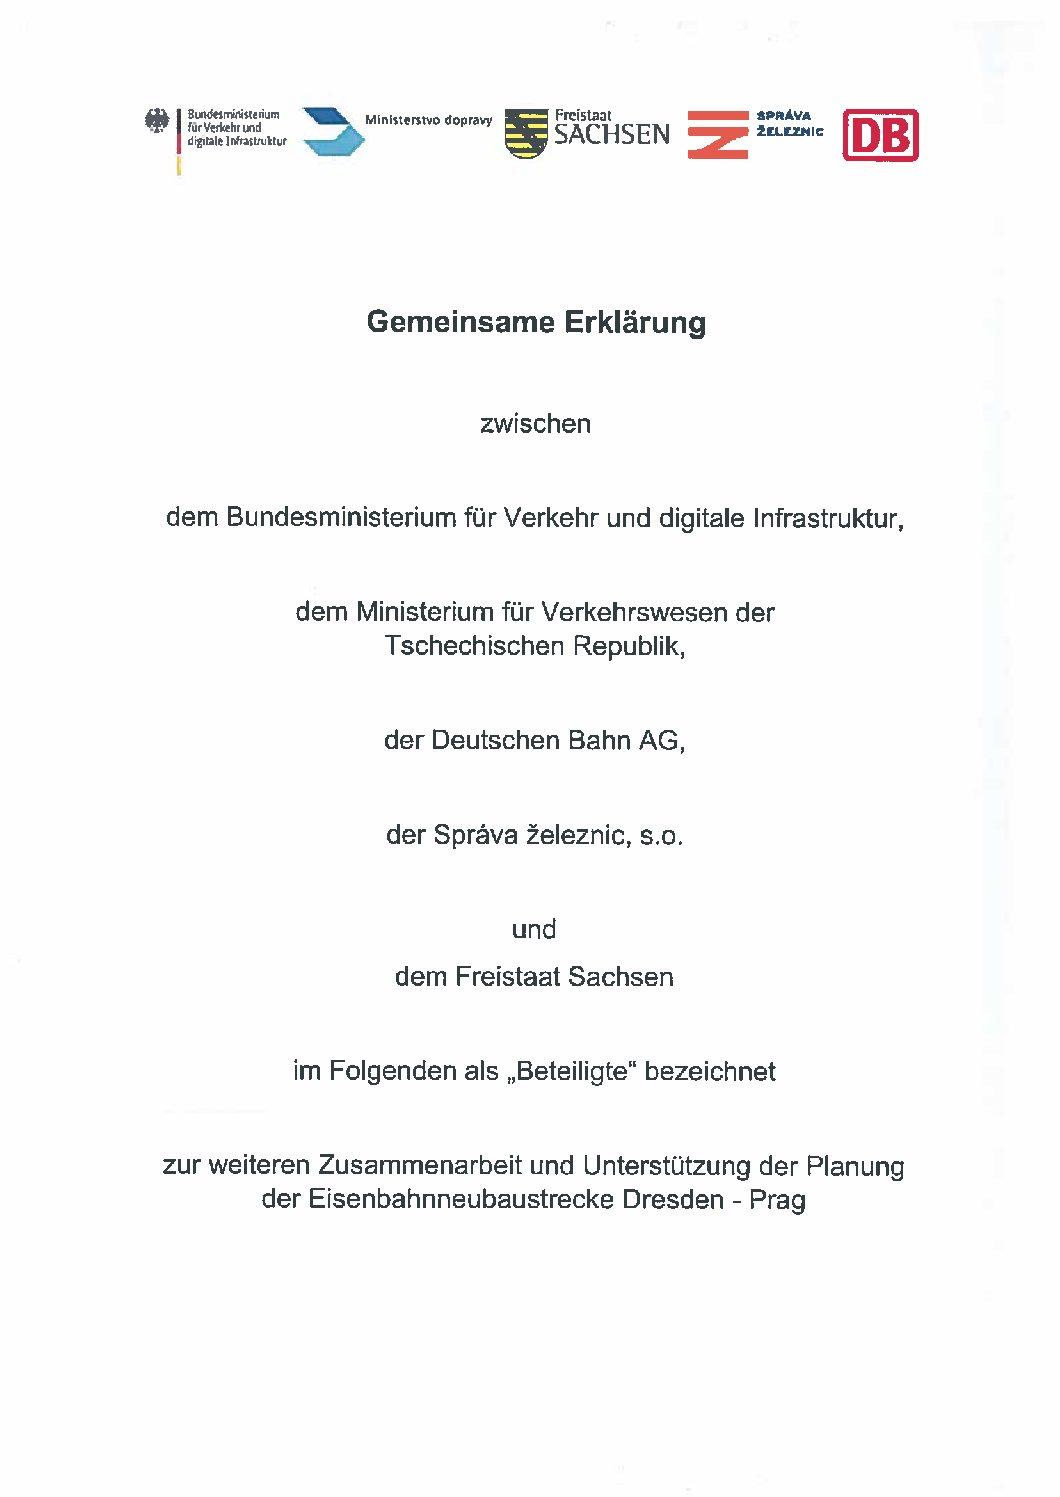 Die unterzeichnete Gemeinsame Erklärung zur weiteren Zusammenarbeit und Unterstützung der Planung der Eisenbahnneubaustrecke Dresden–Prag vom 2. März 2020.